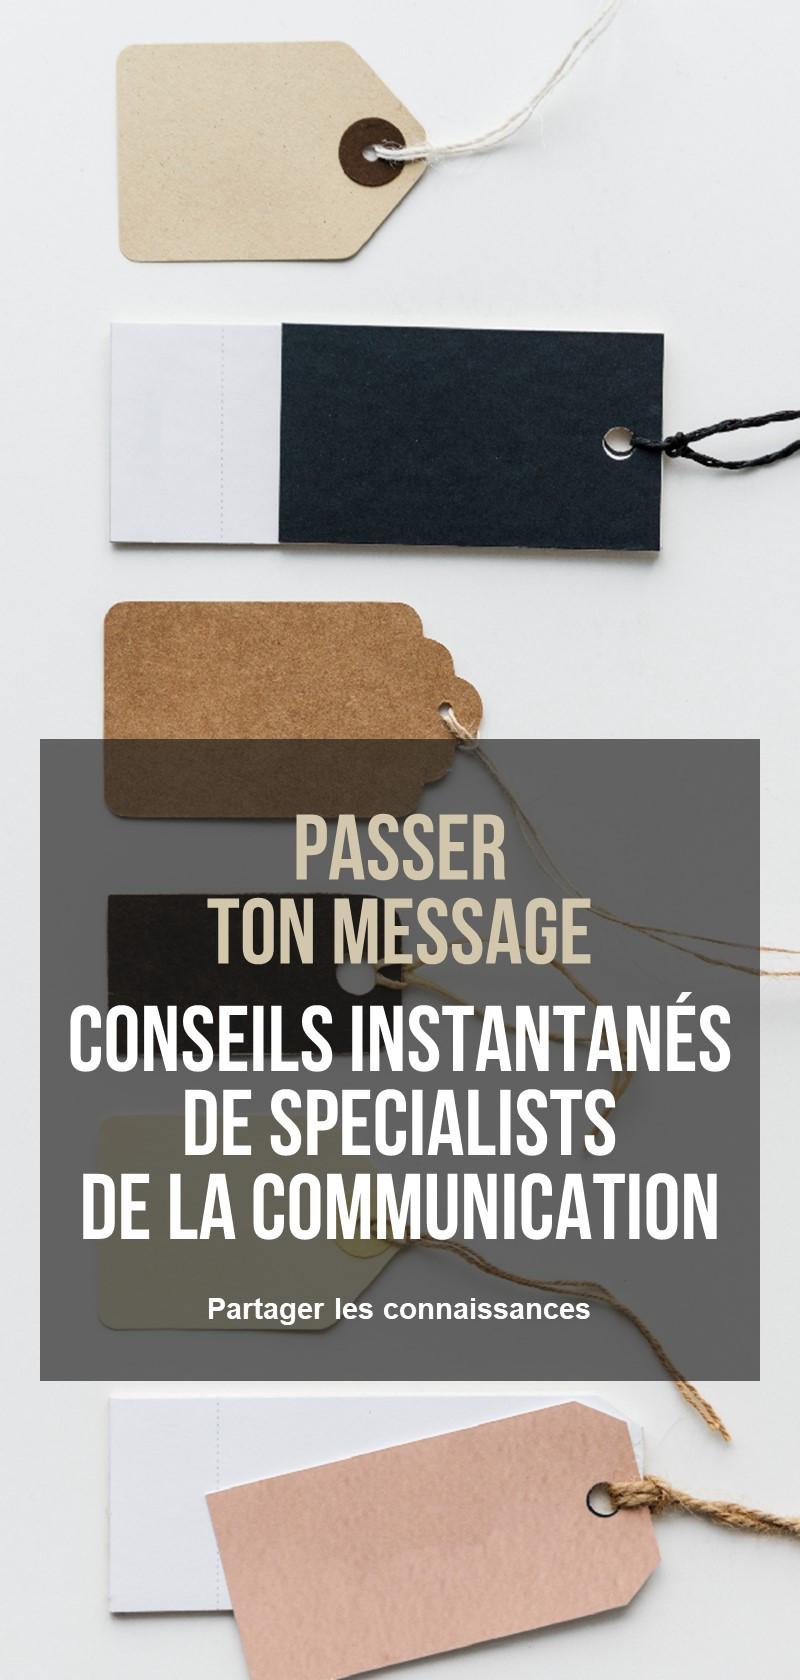 Apprends à communiquer efficacement avec un spécialiste